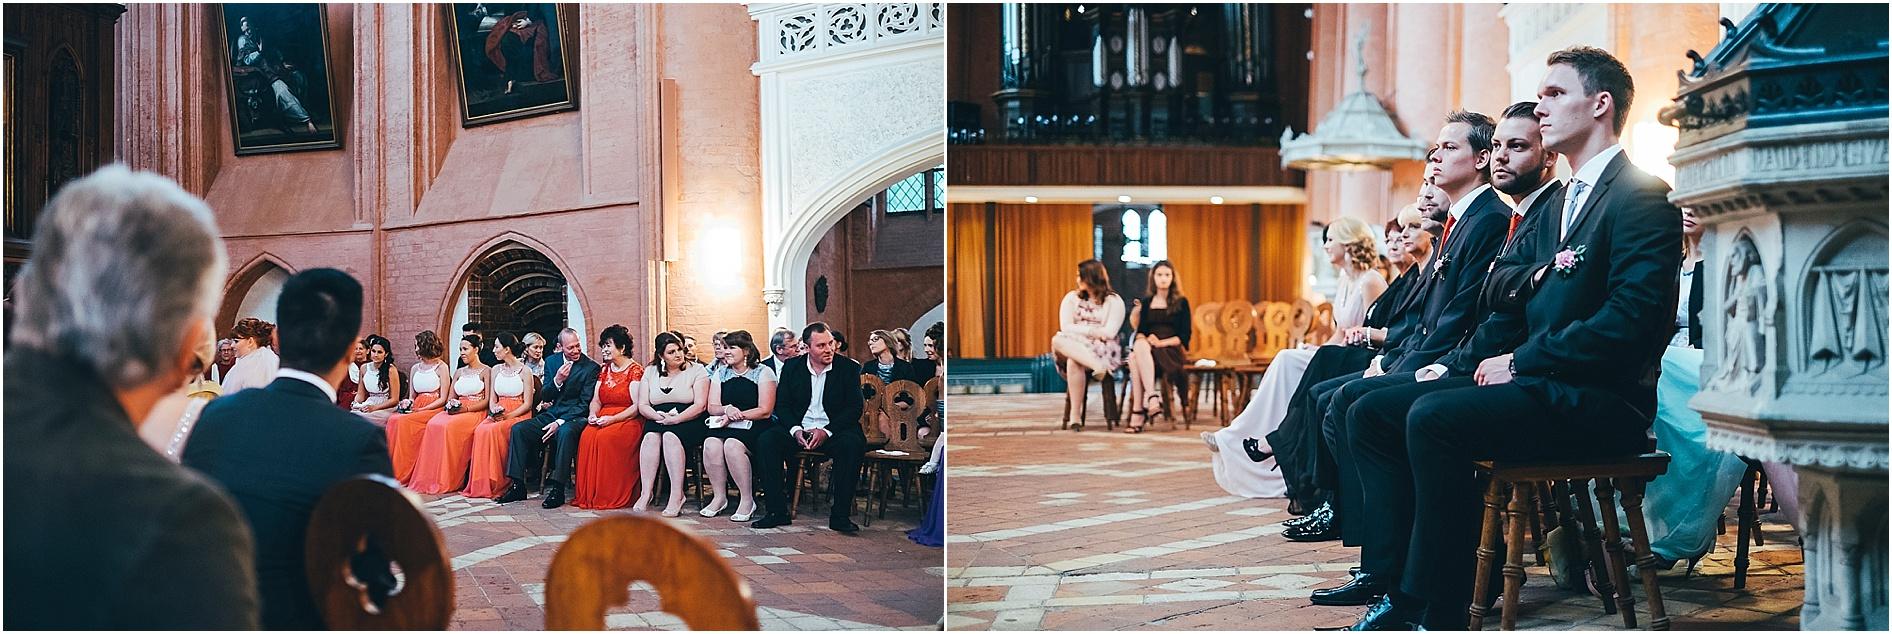 2014-11-20_0035 Lora & Daniel - Als Hochzeitsfotograf in Lüneburg